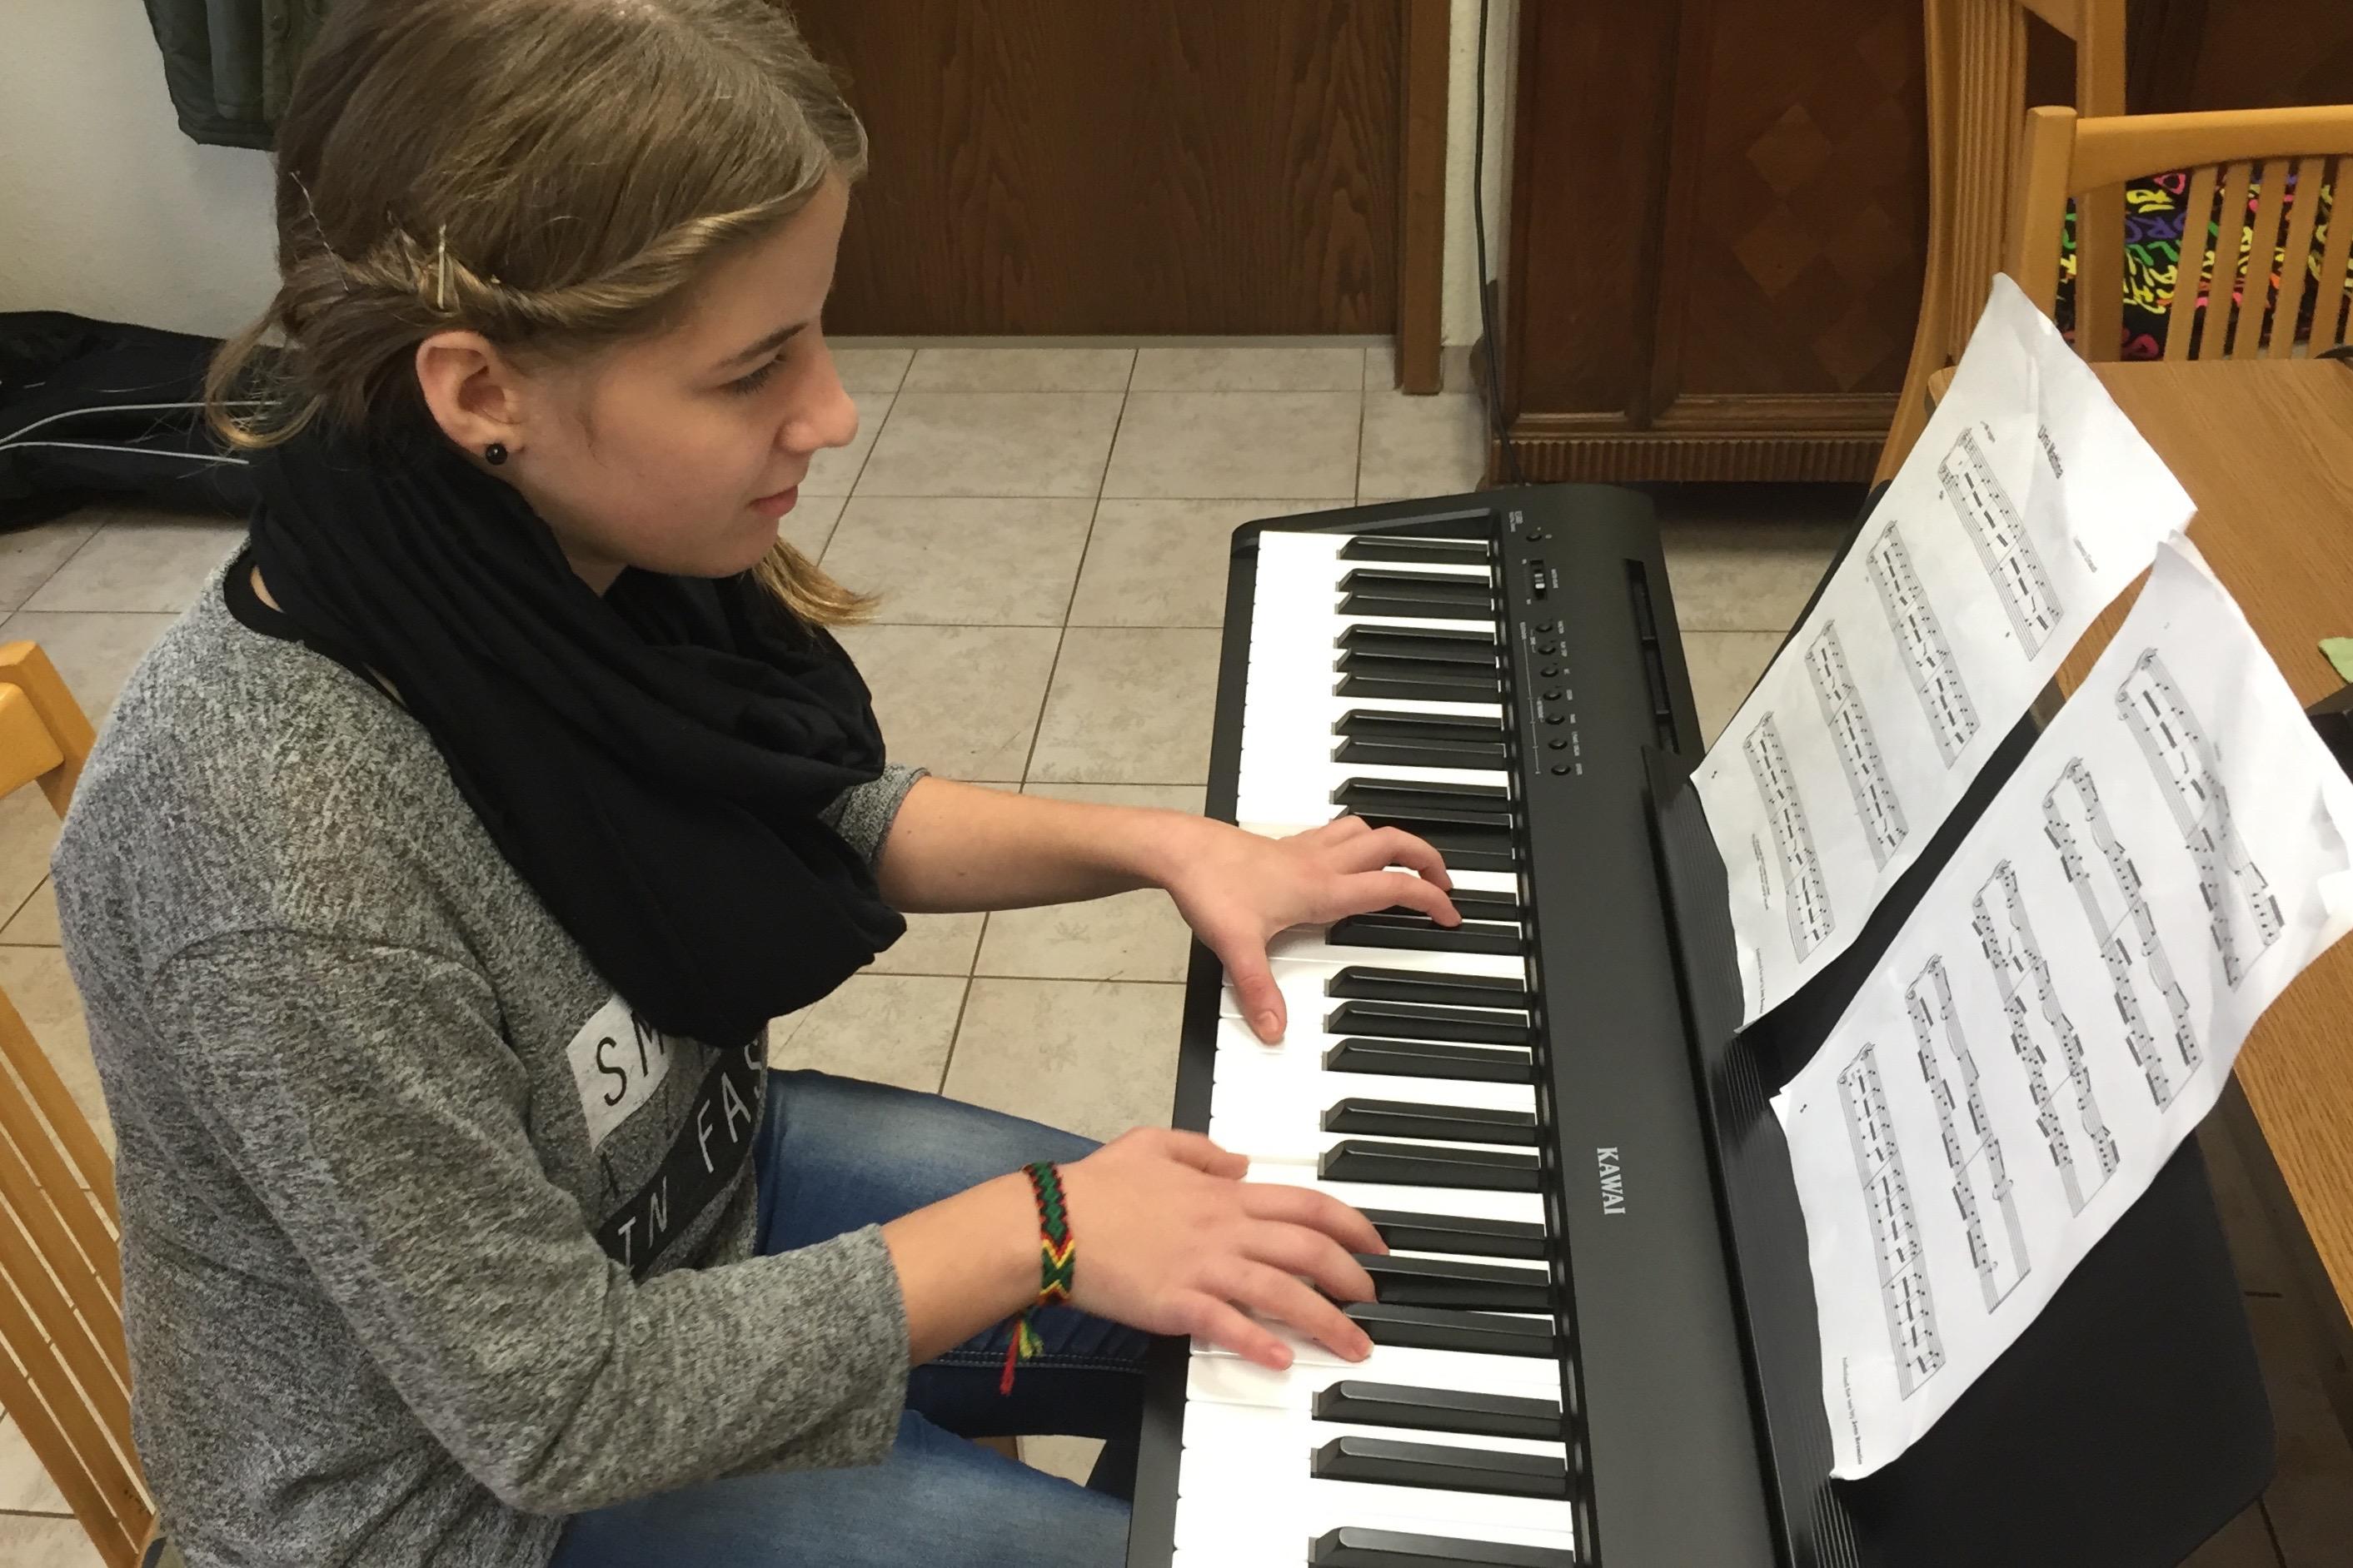 klavier spielen lernen dein klavierunterricht in gotha. Black Bedroom Furniture Sets. Home Design Ideas